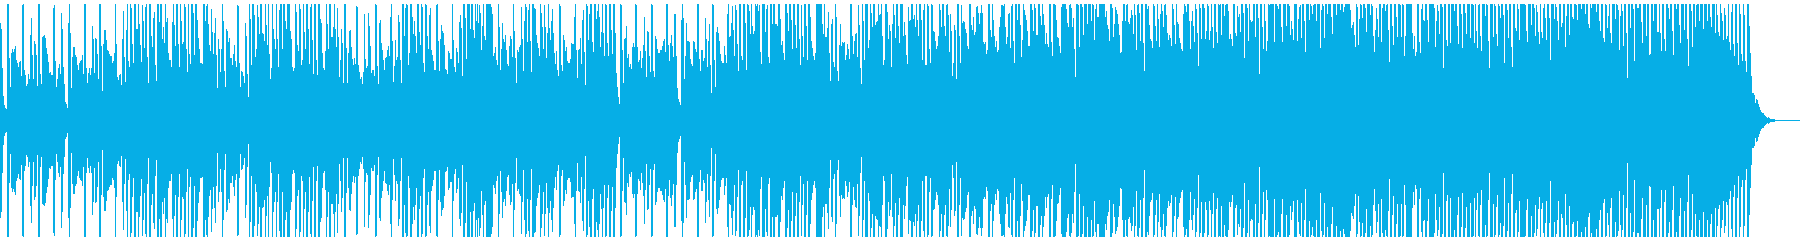 ユーモラスなクラリネットが楽しいインストの再生済みの波形